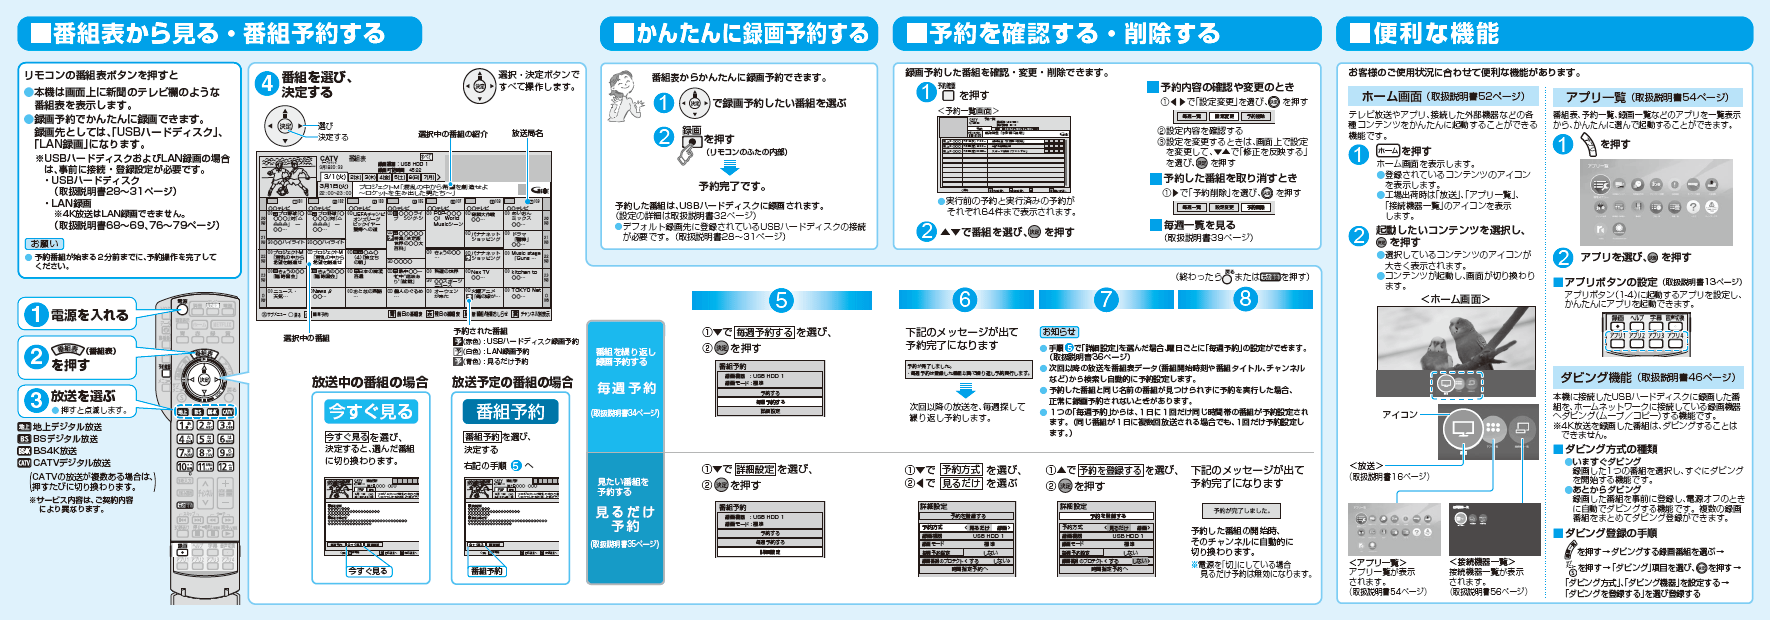 リモコン操作ガイド